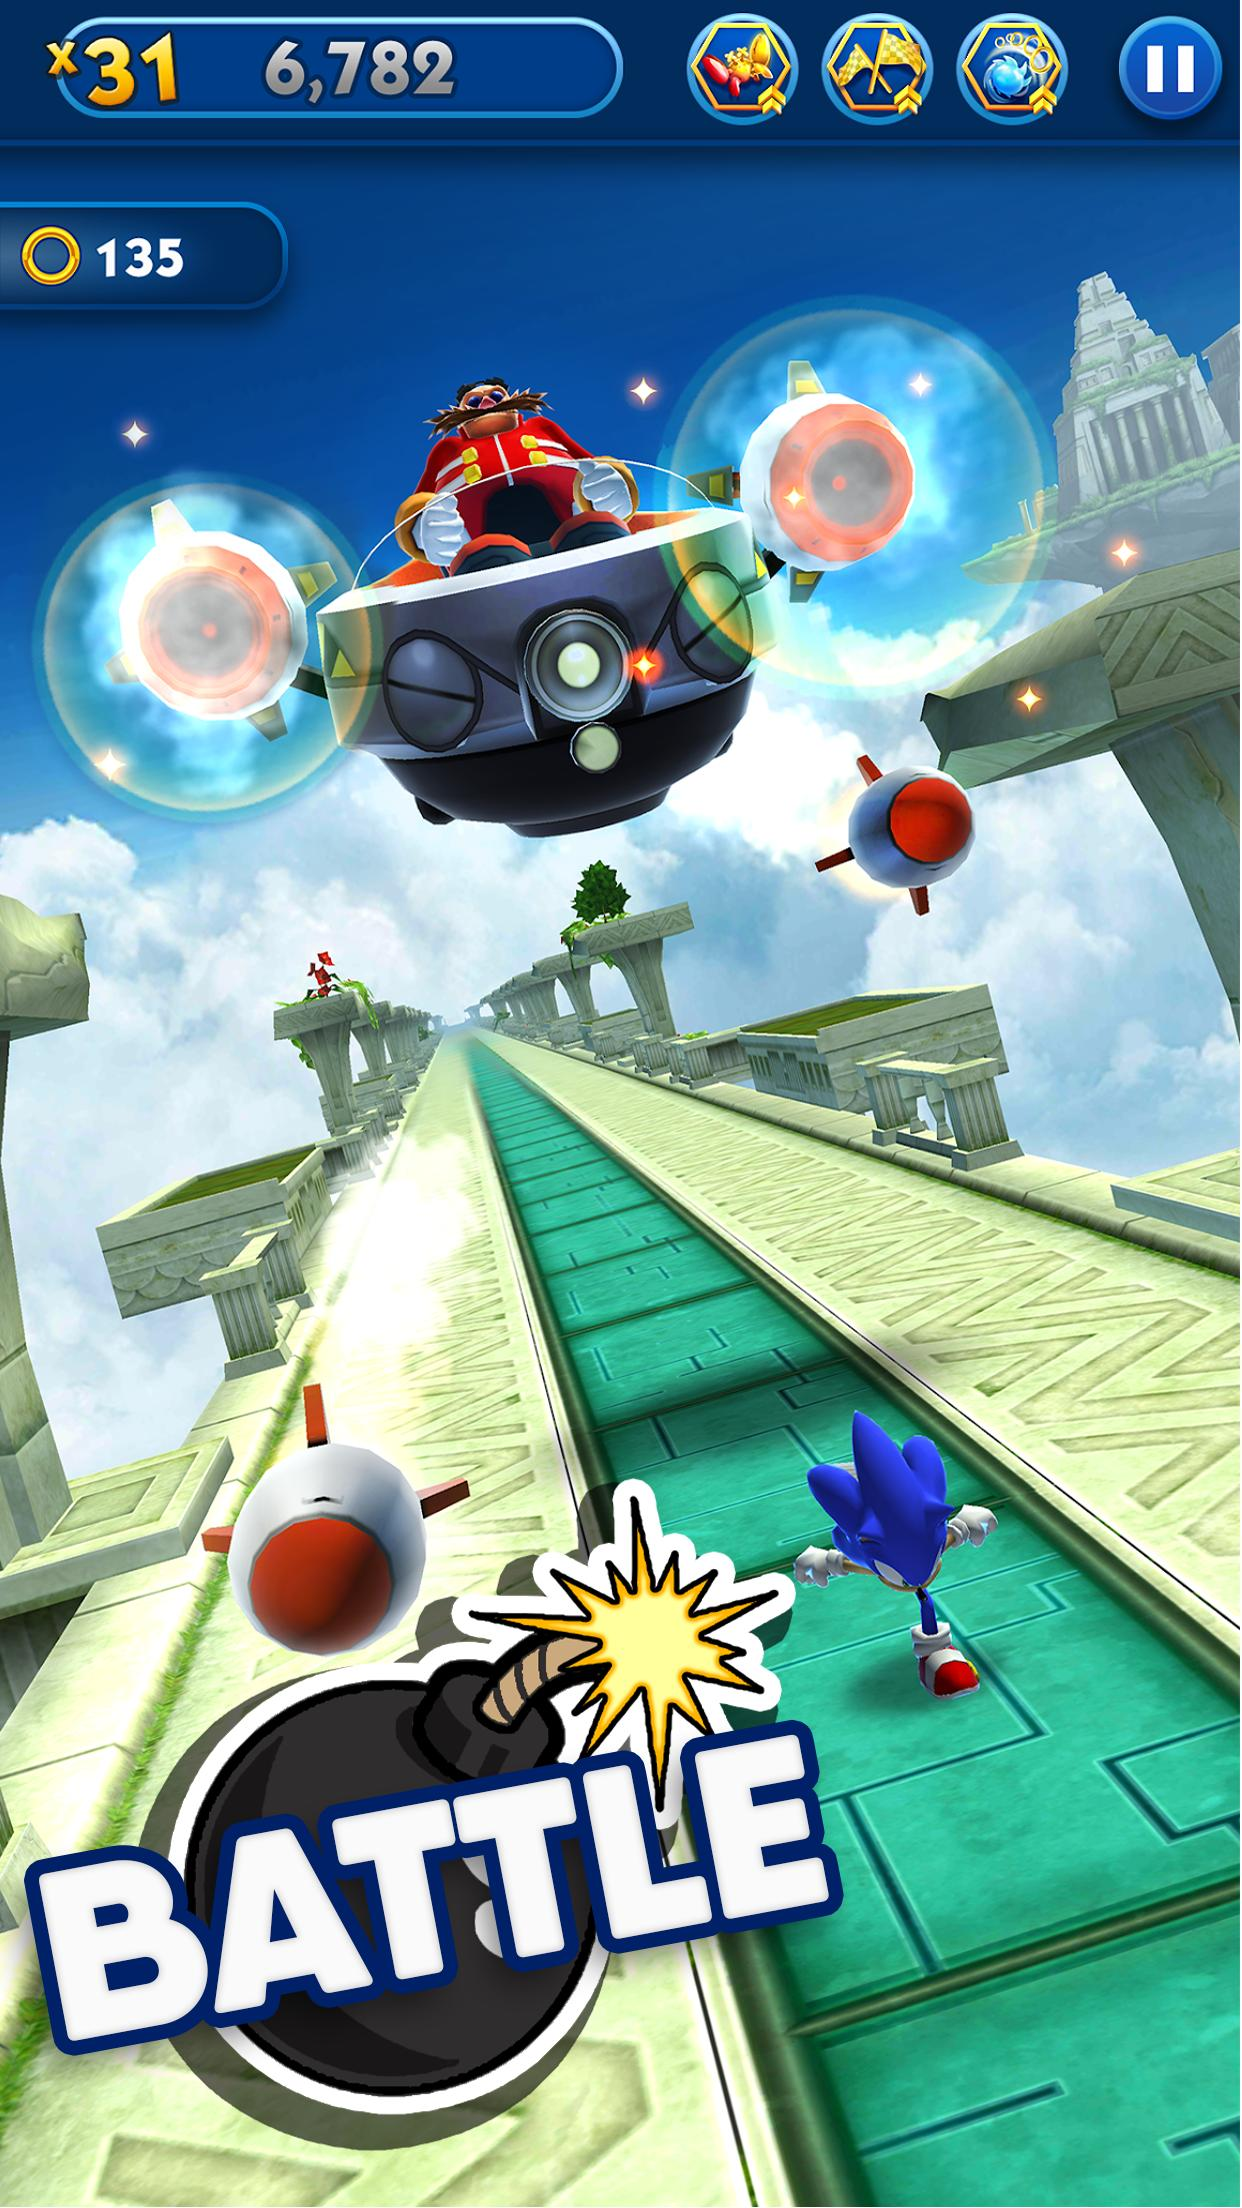 Sonic Dash - Endless Running & Racing Game 4.14.0 Screenshot 11